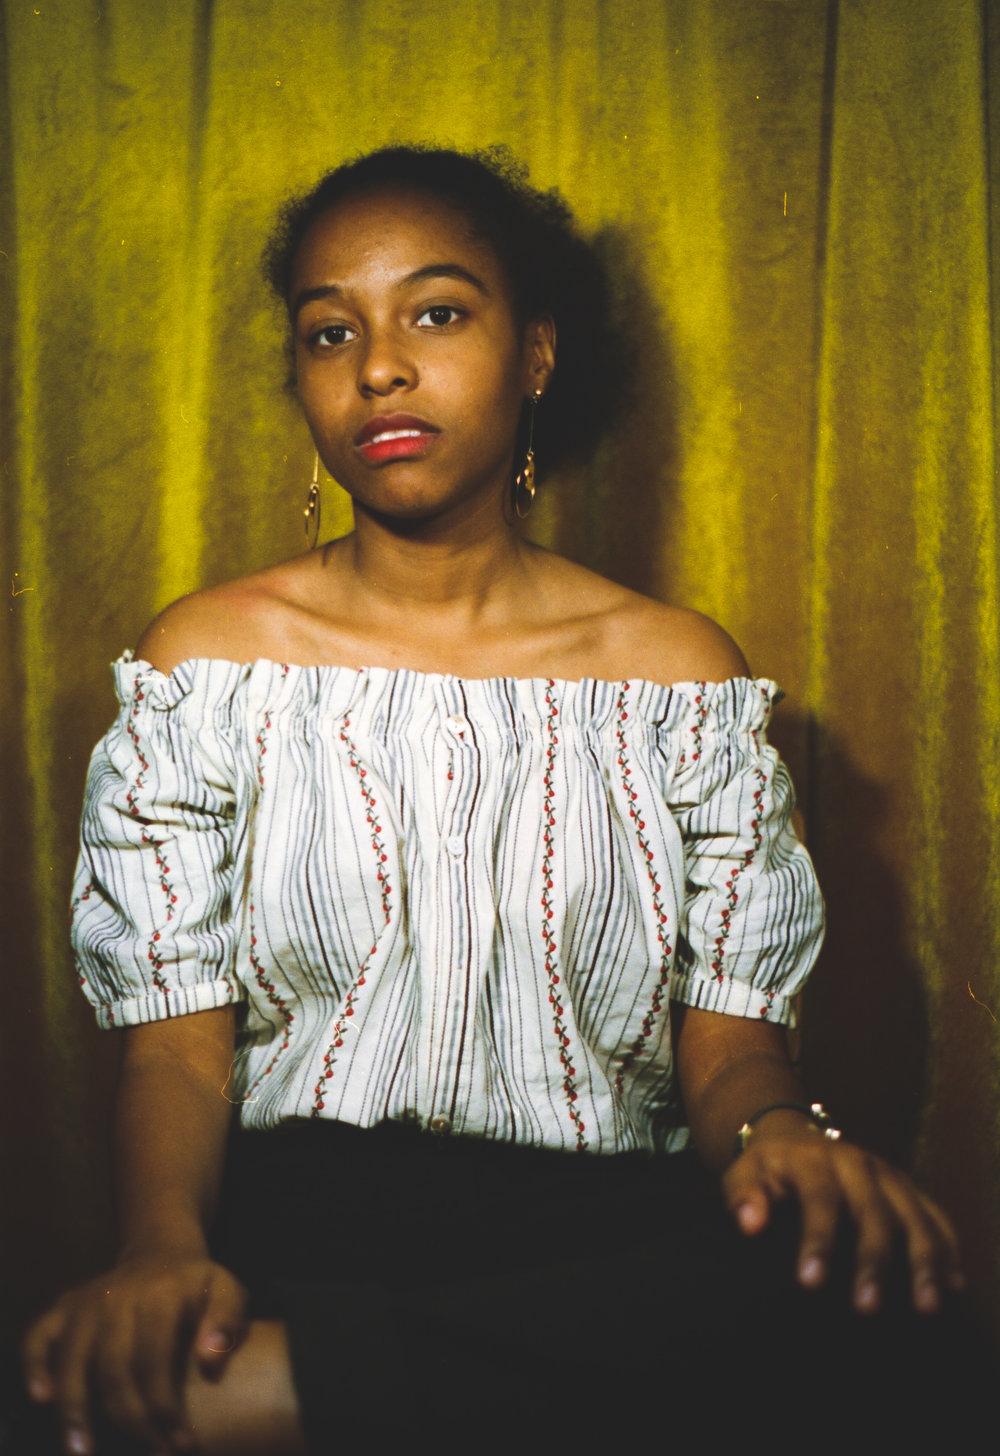 Mahlet, she/her.